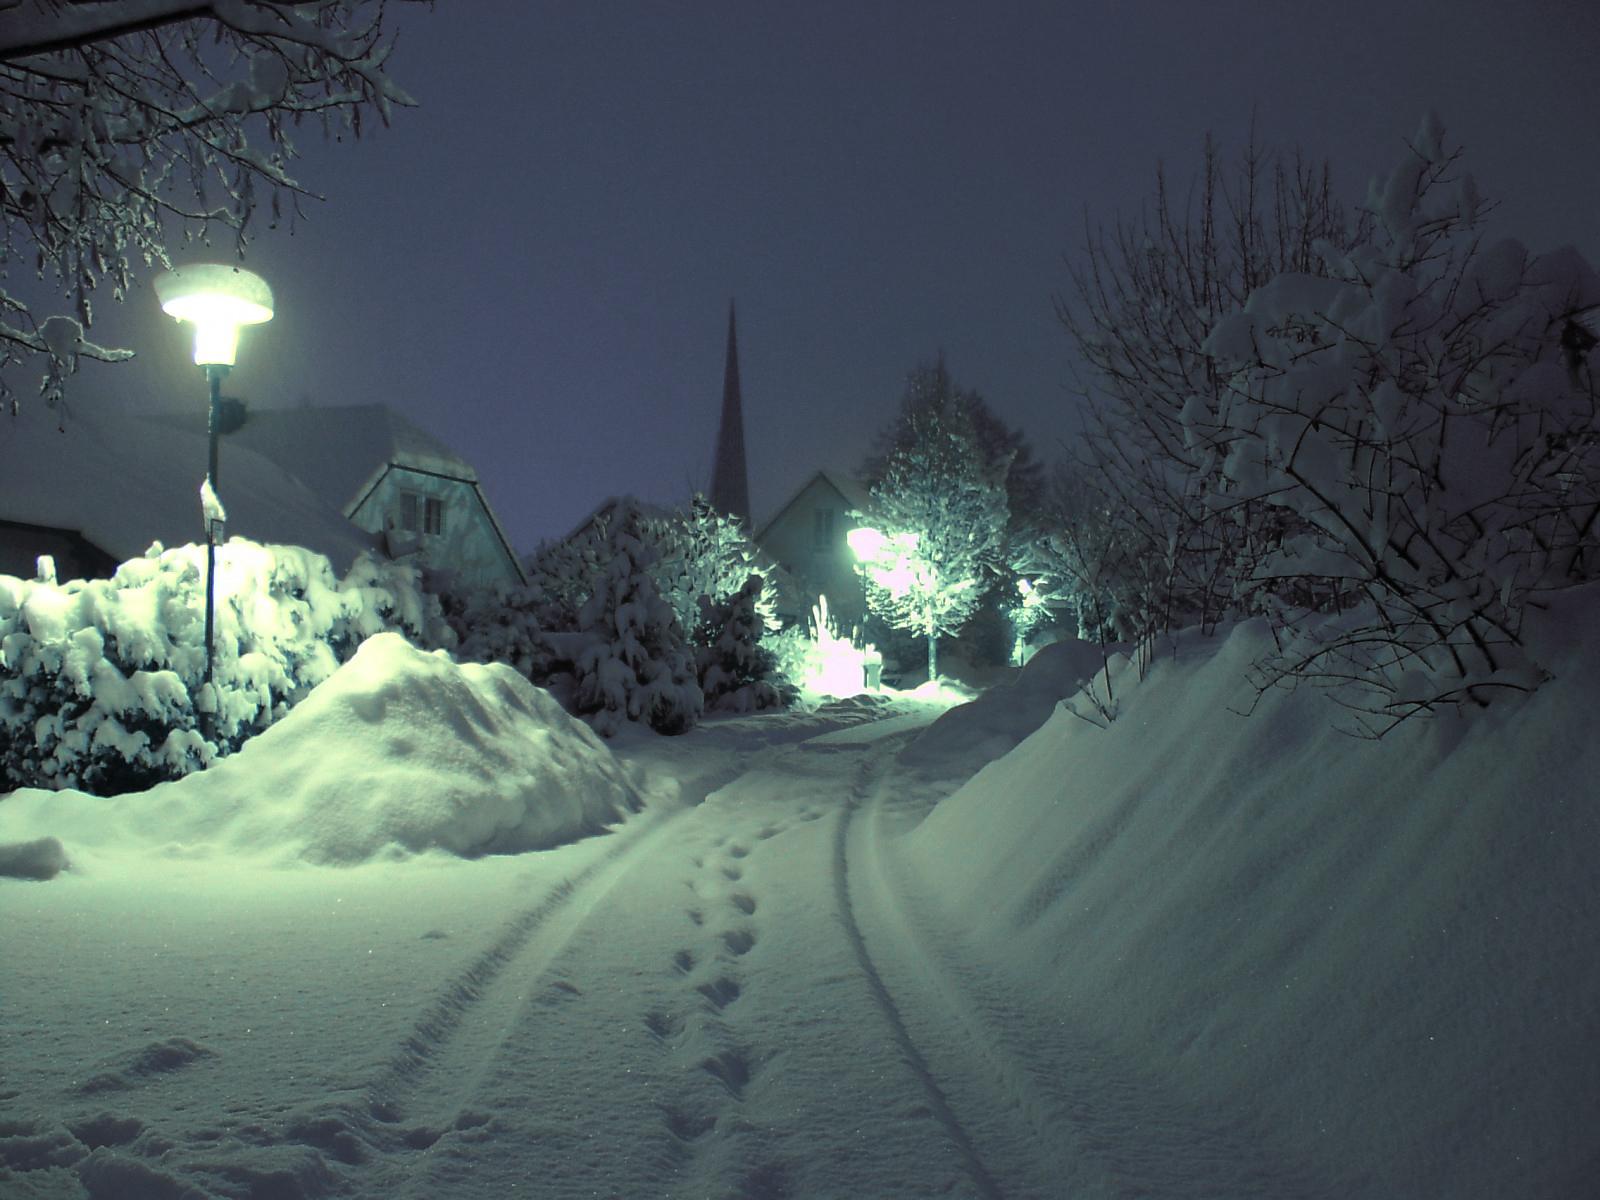 сосуд картинки город зима ночь кто-то приближенных